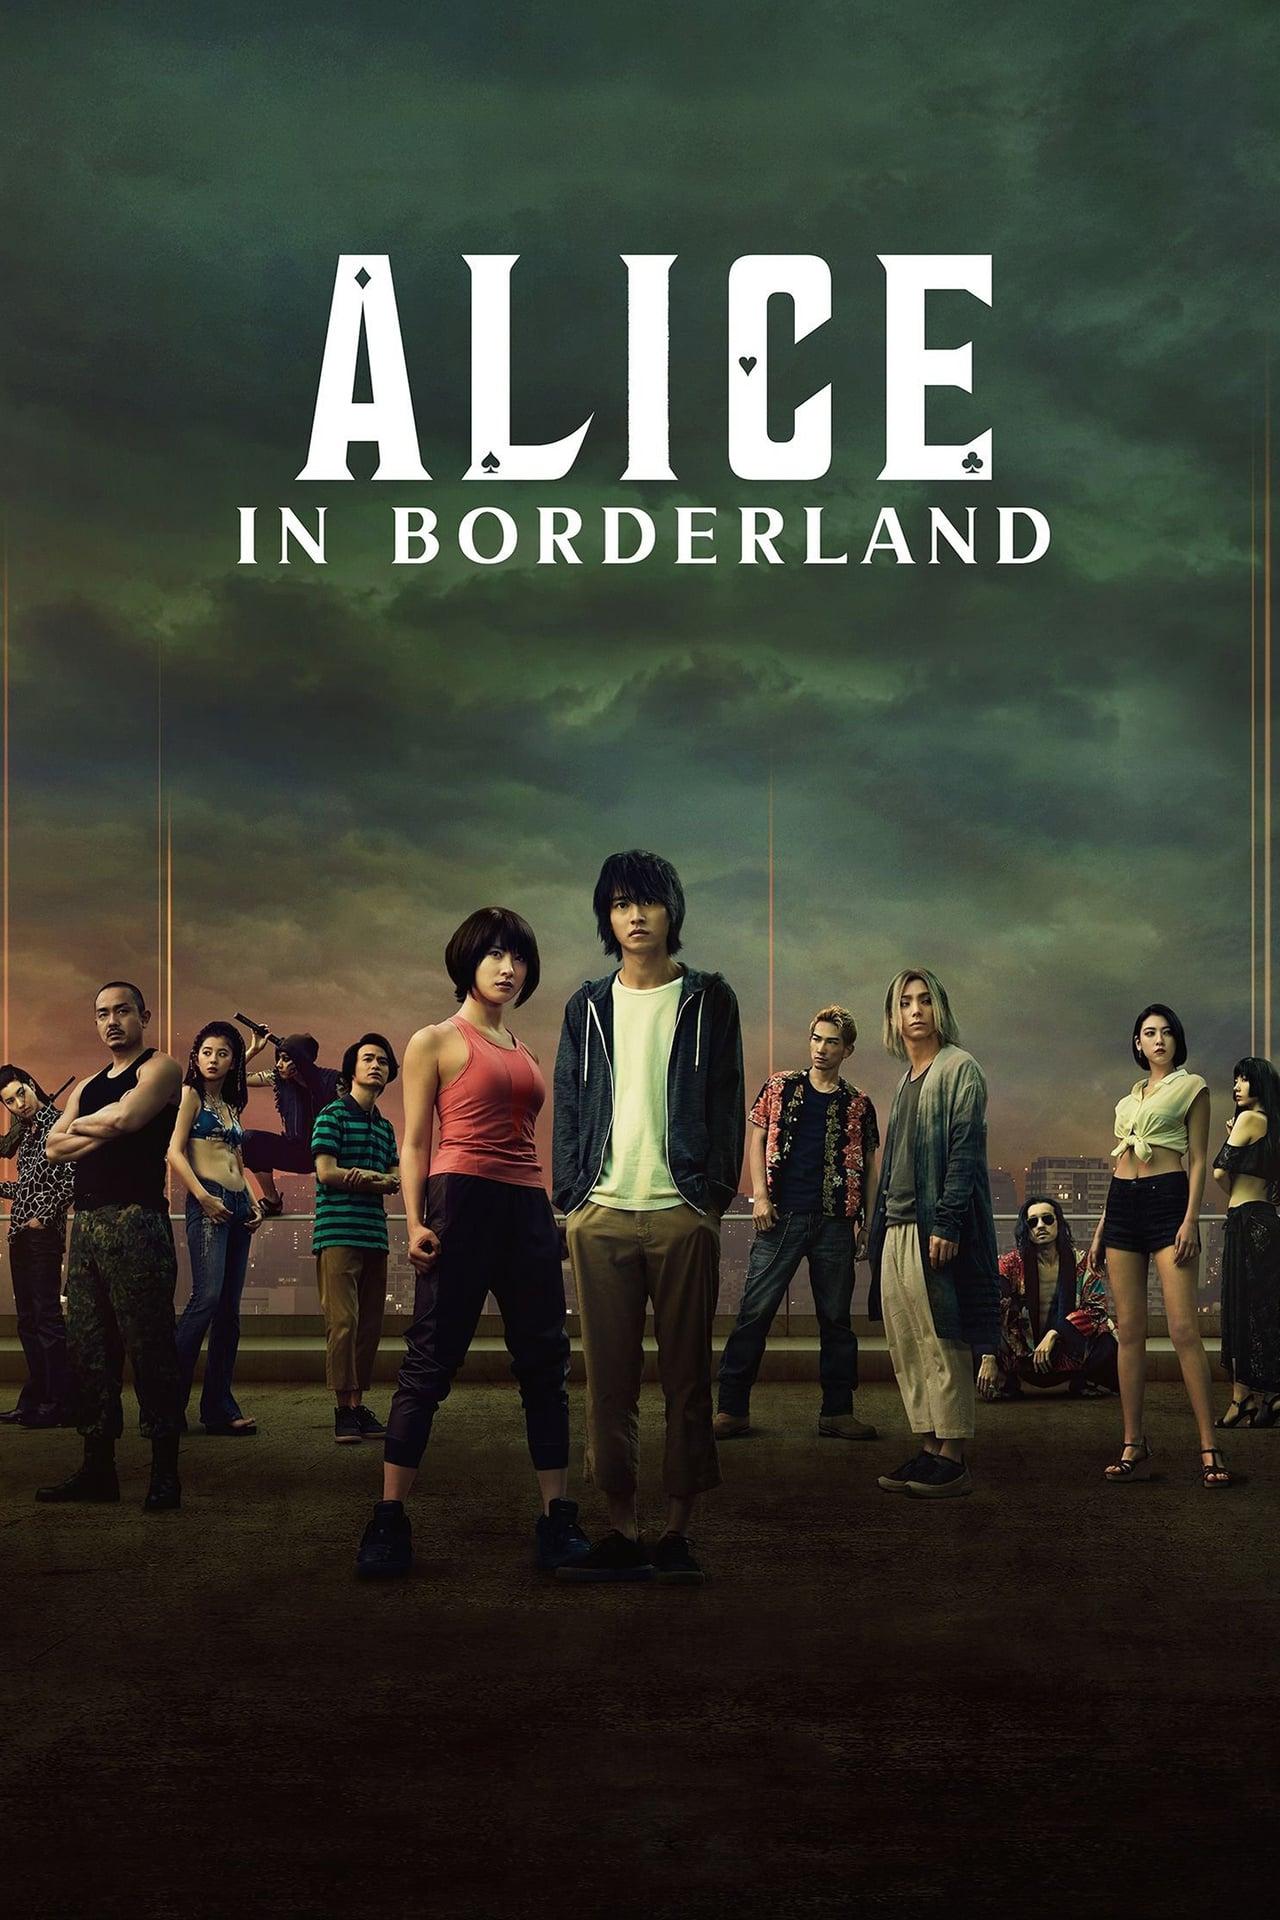 Thế Giới Không Lối Thoát - Alice in Borderland